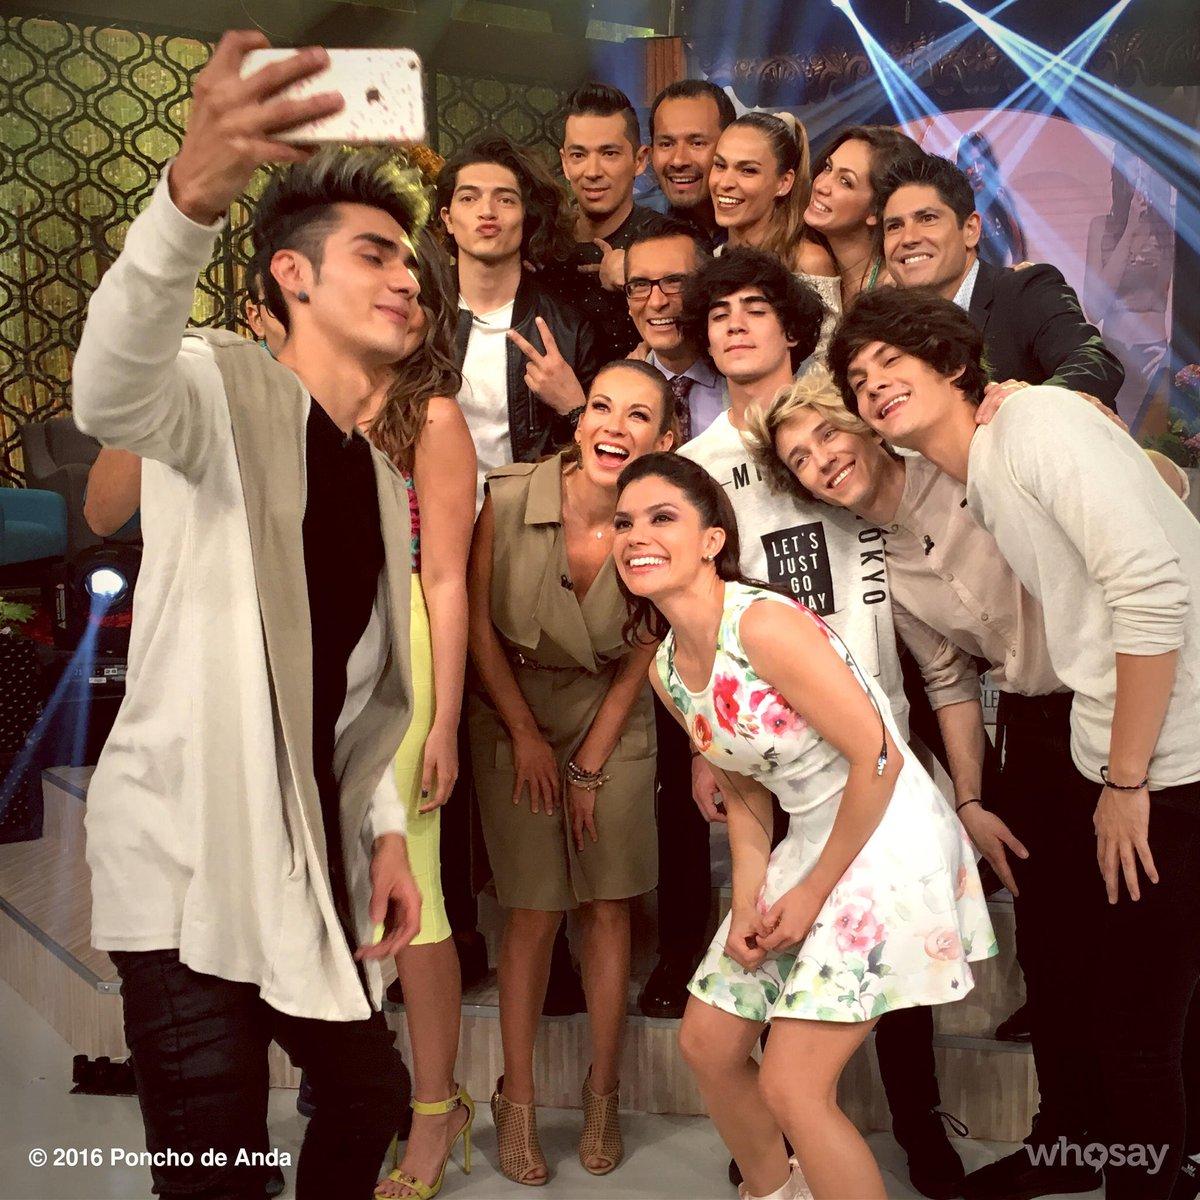 El selfie de despedida #CD9enVLA @cd9 @VengaLaAlegria #Detrasdecamaras https://t.co/LkQrwqjKMs